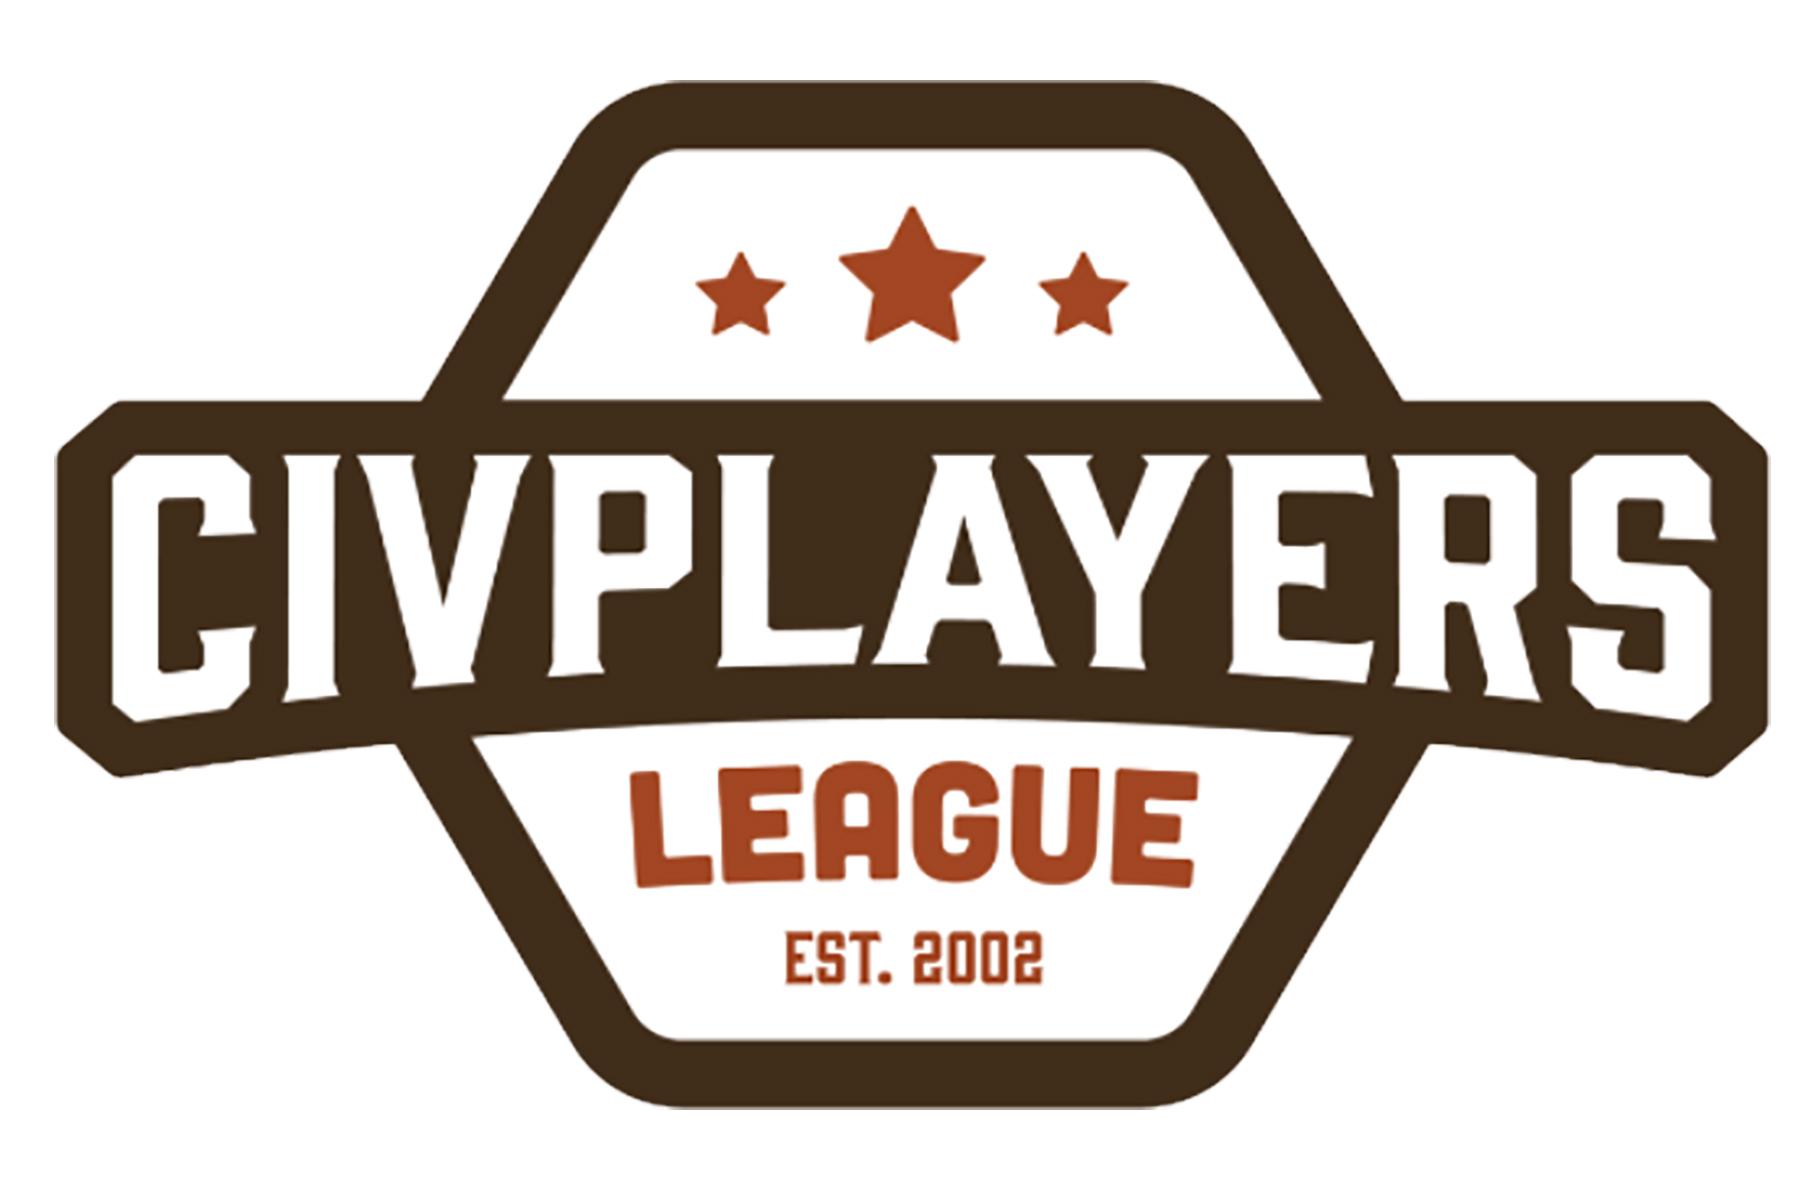 Civilization Players League